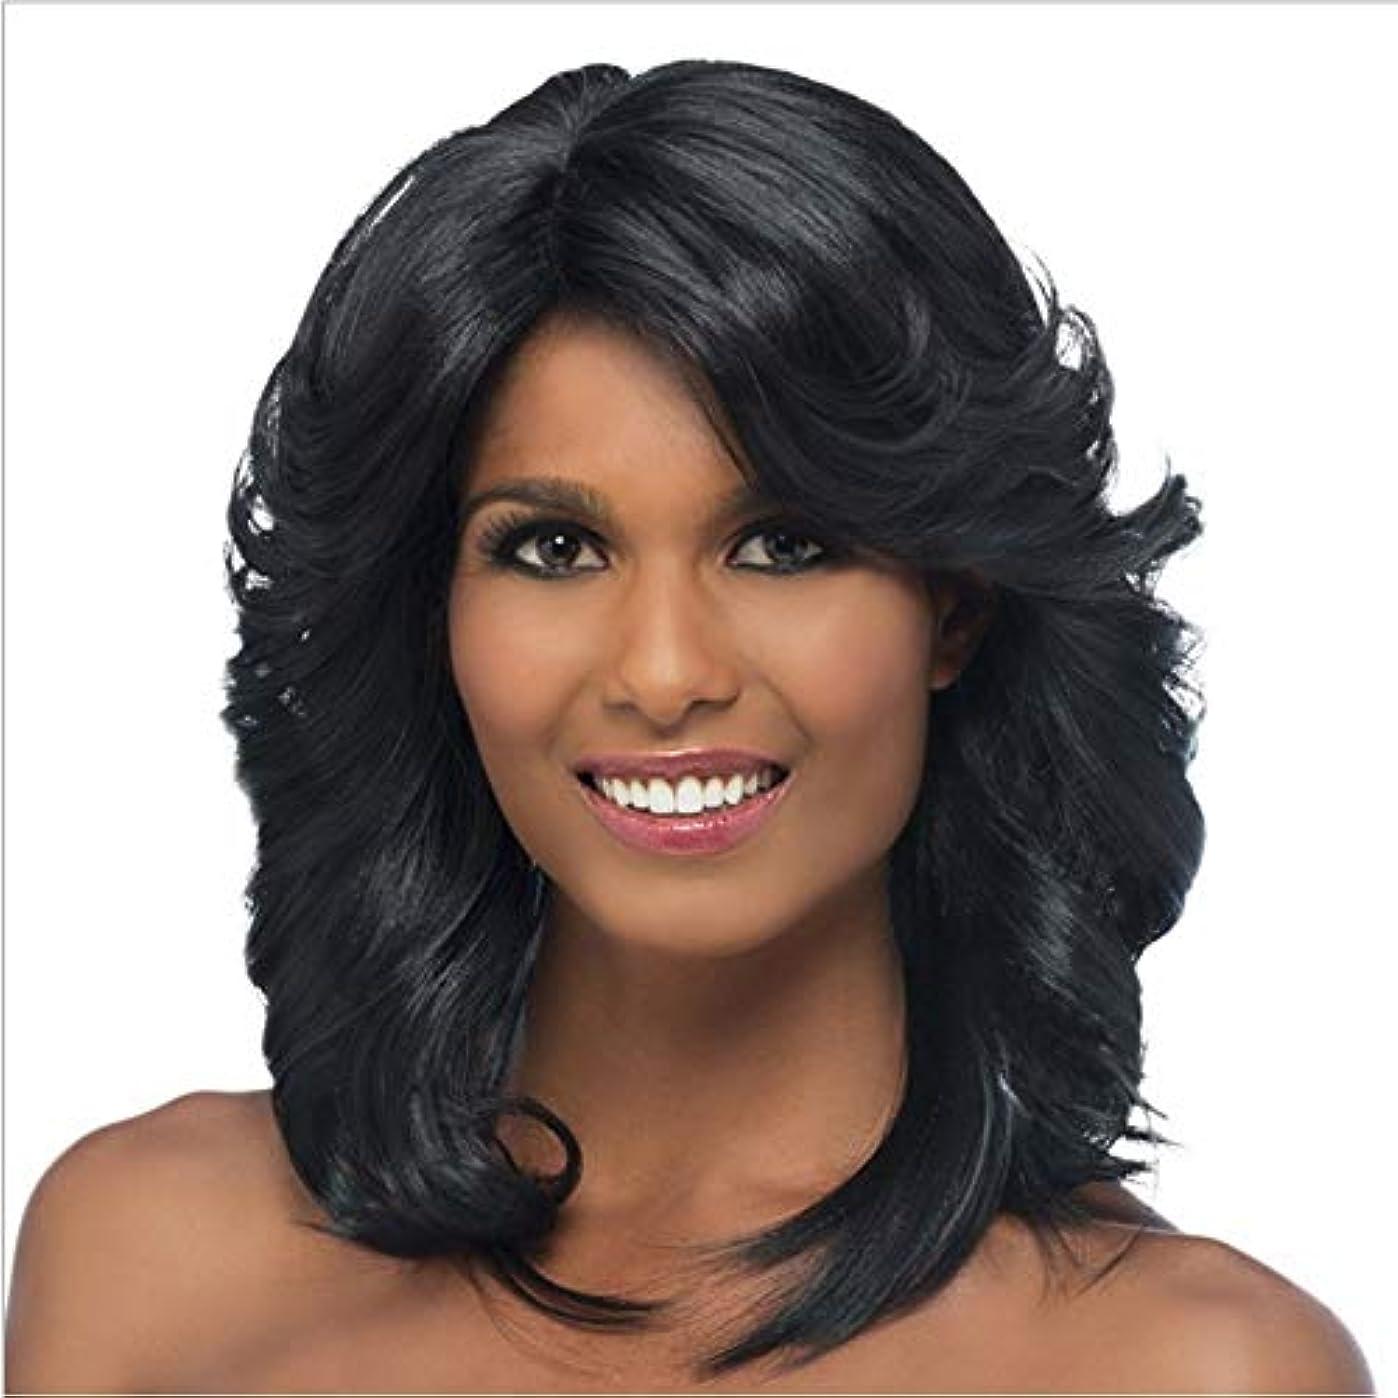 休憩学生海峡YOUQIU 女性の毎日のパーティーウィッグのための合成髪ブラックカーリーヘアショルダー長ウィッグ (色 : 黒)